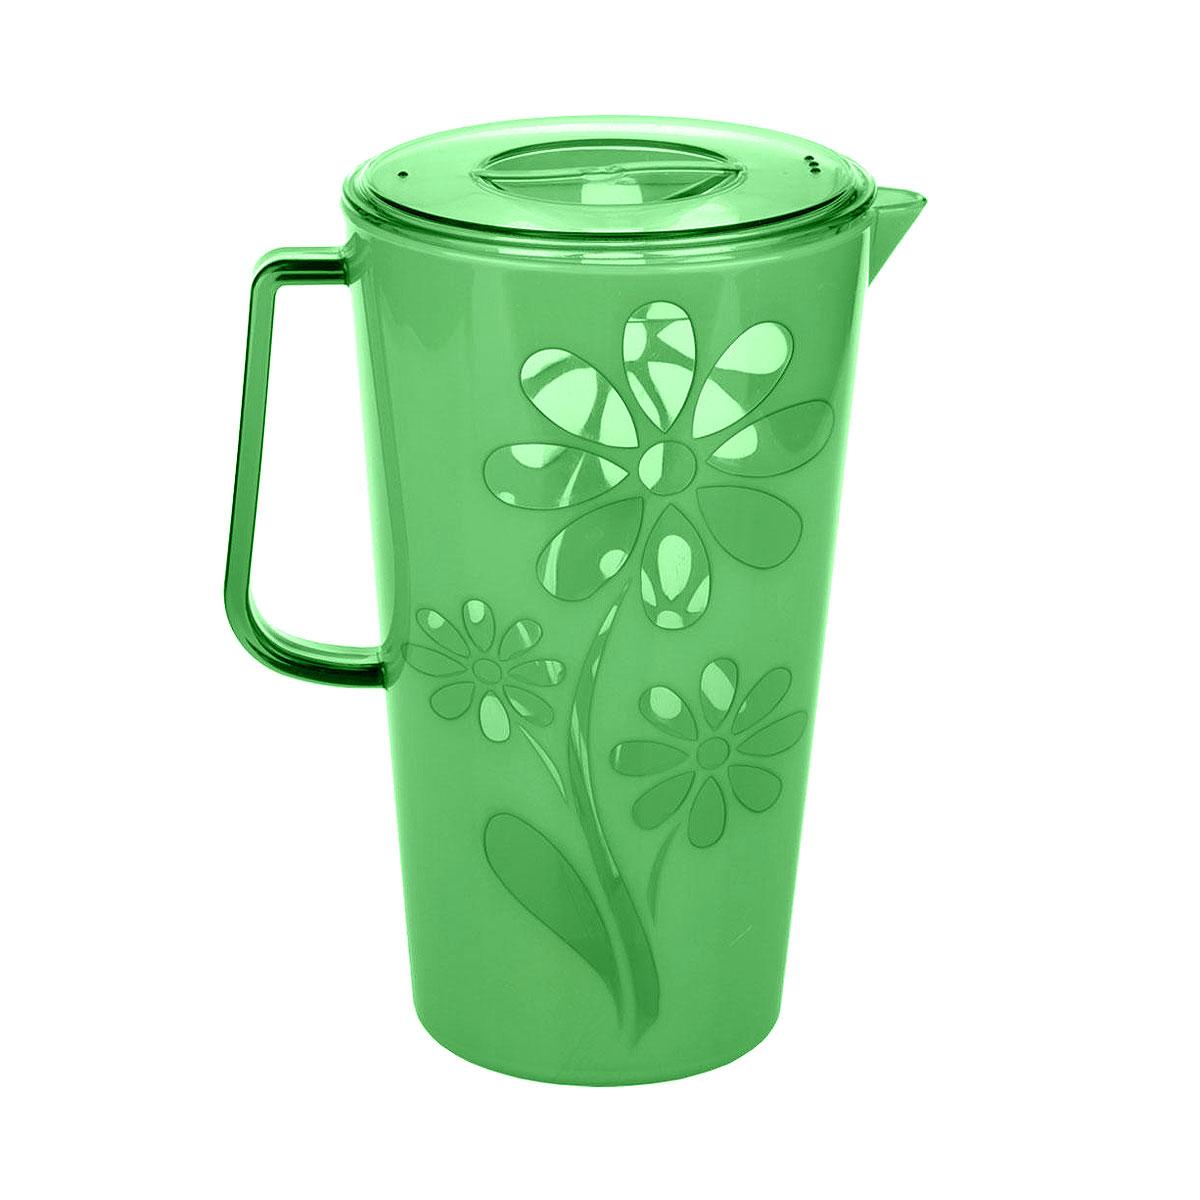 Кувшин Альтернатива Соблазн, цвет: зеленый, 2,5 лM2304Кувшин Альтернатива Соблазн, выполненный из пластика, украсит ваш стол. Кувшин оснащен ручкой и носиком для удобного наливания. Изделие прекрасно подойдет для подачи воды, сока, компота и других напитков.